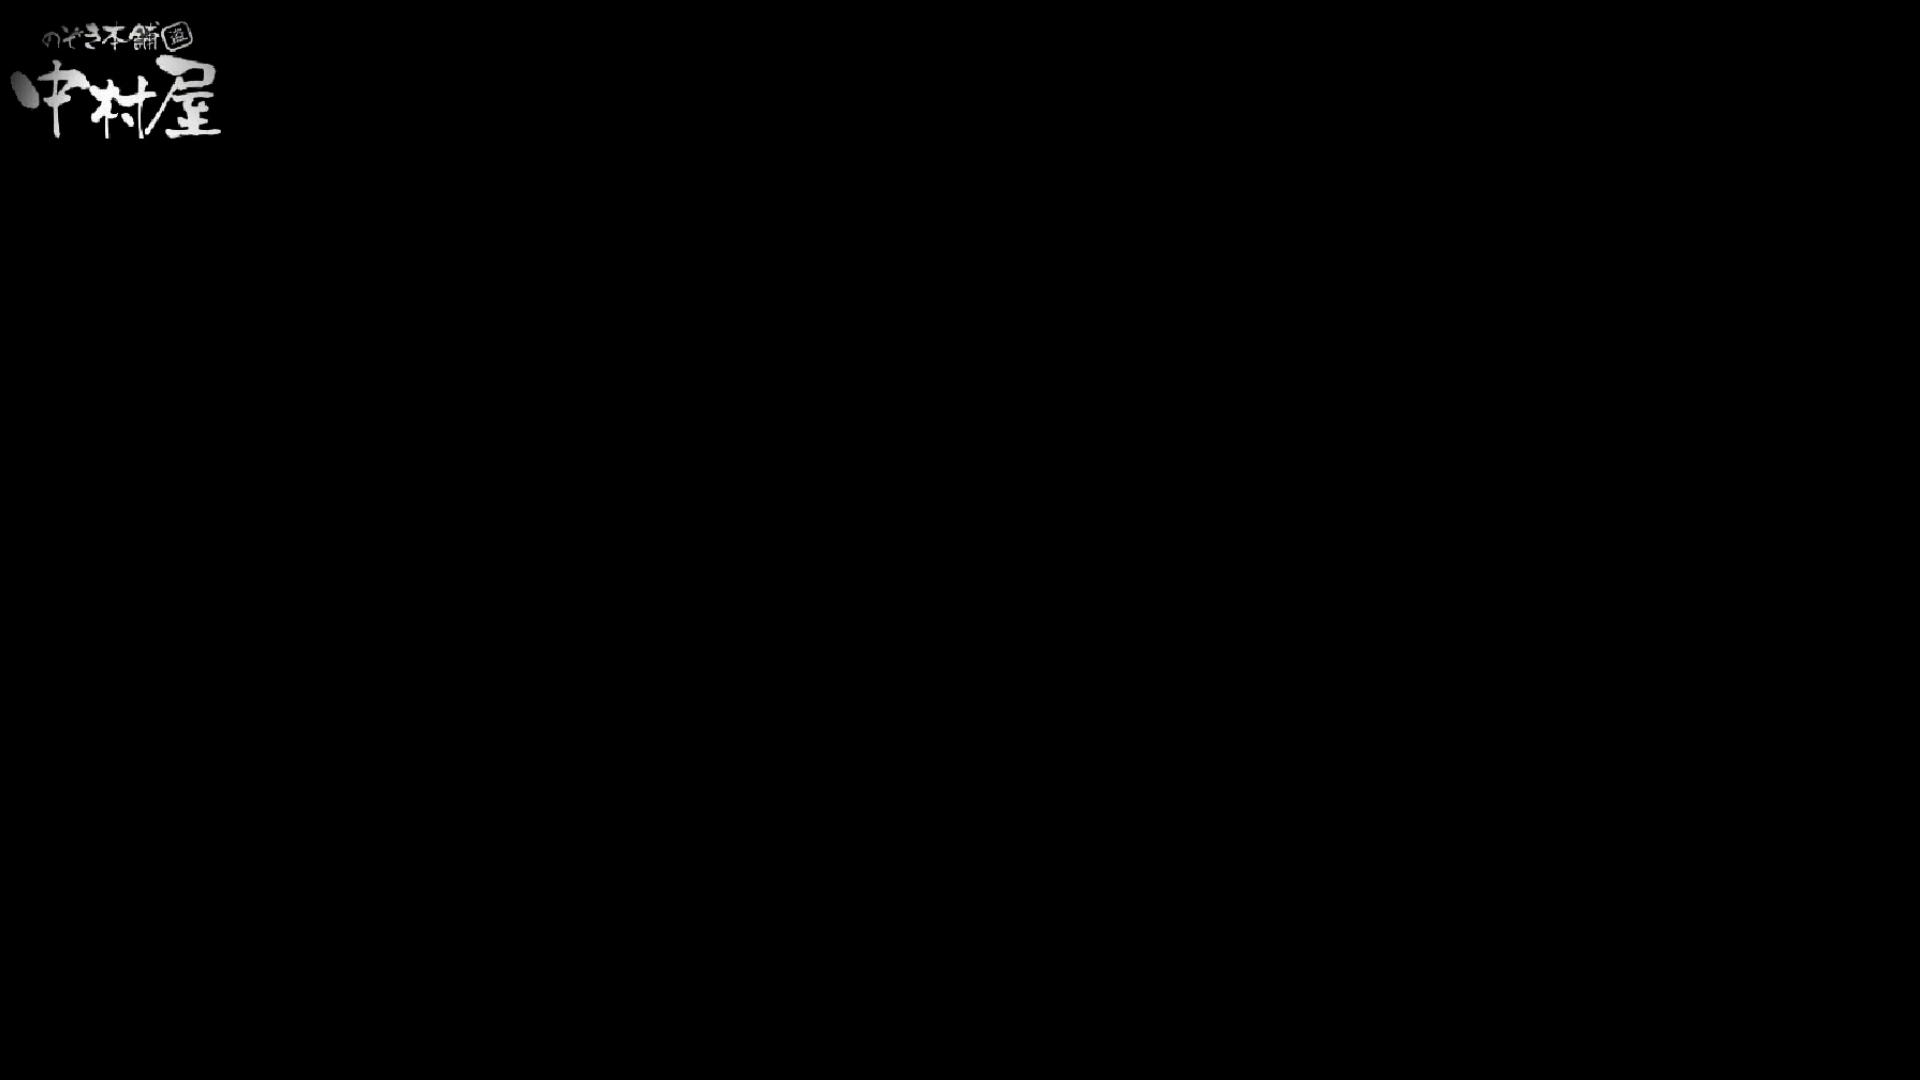 雅さんが厳選新年特別コンテンツ!激走!東京マラソン選手専用女子トイレvol.10 トイレ  82連発 24